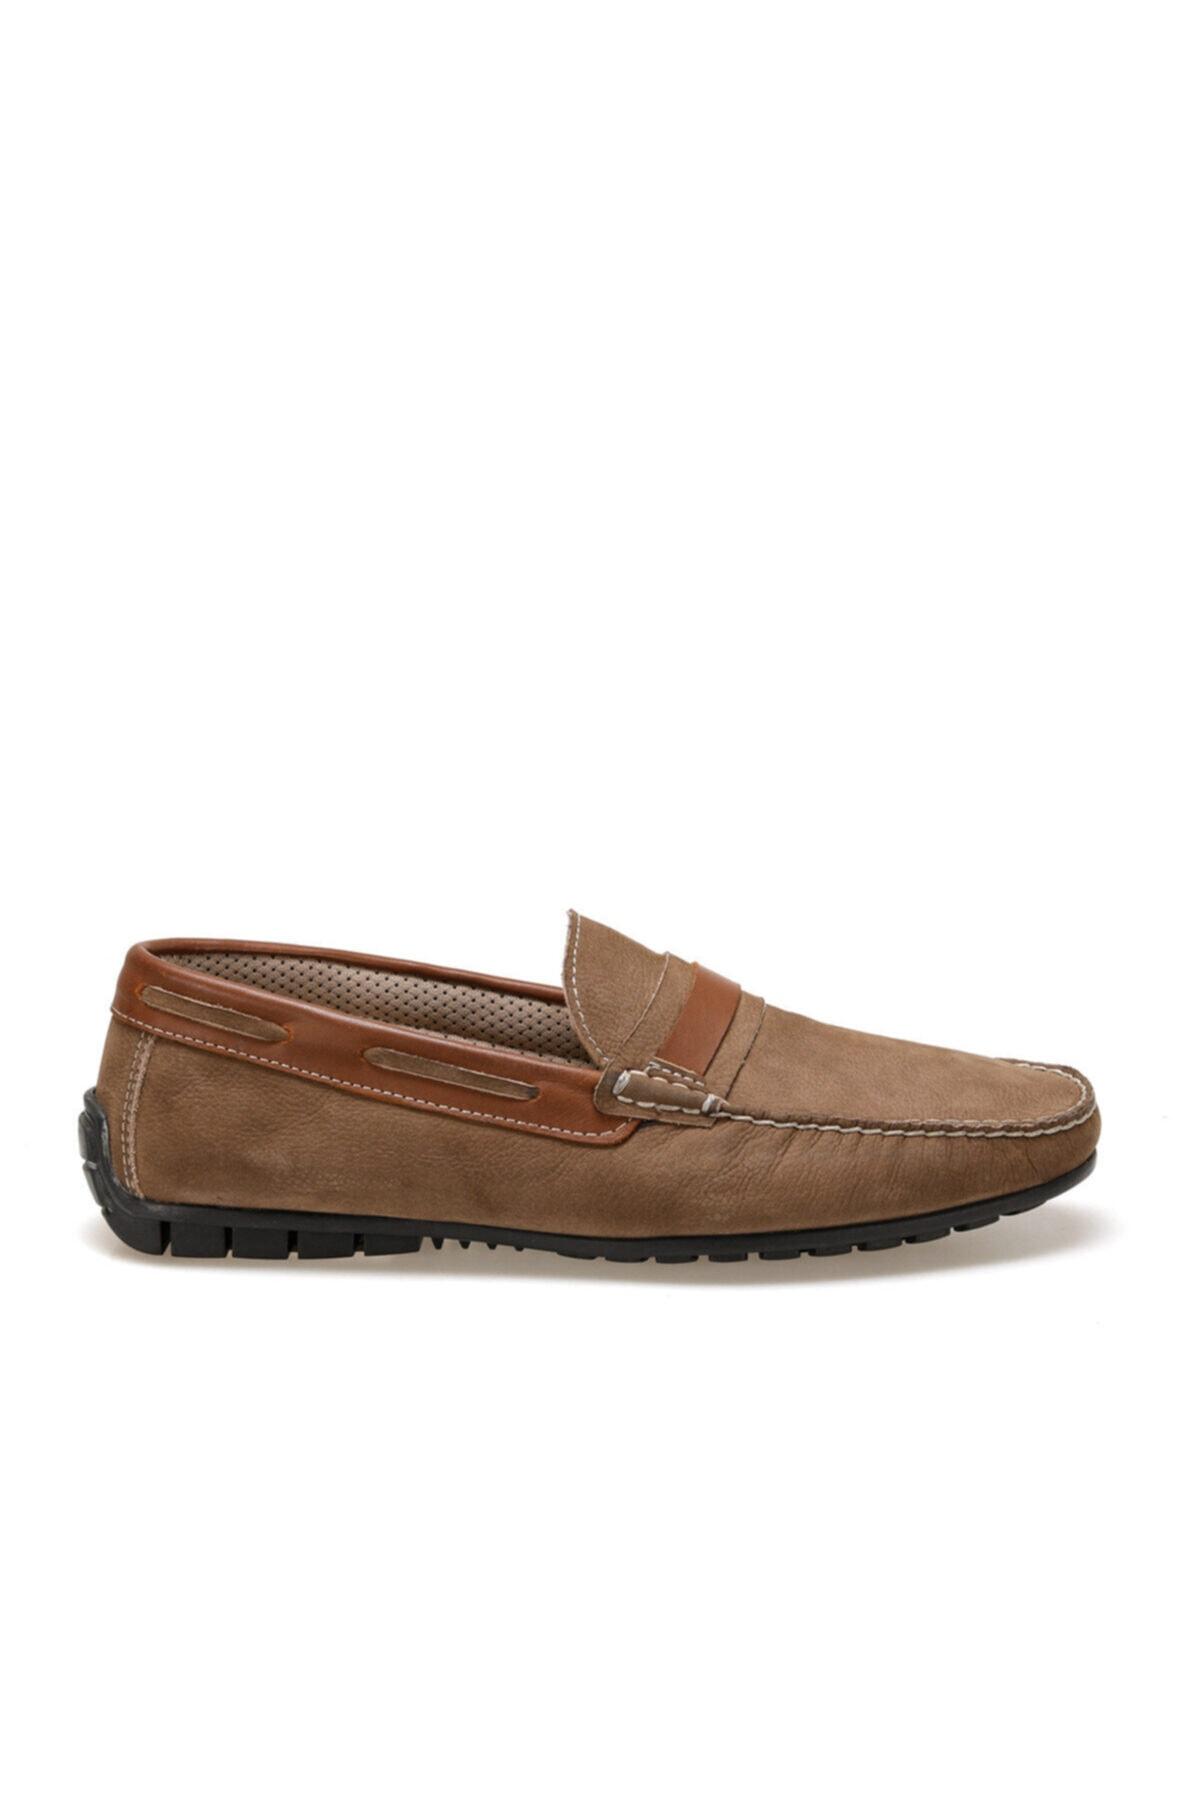 OXIDE LF80 Vizon Erkek Loafer Ayakkabı 100518286 2